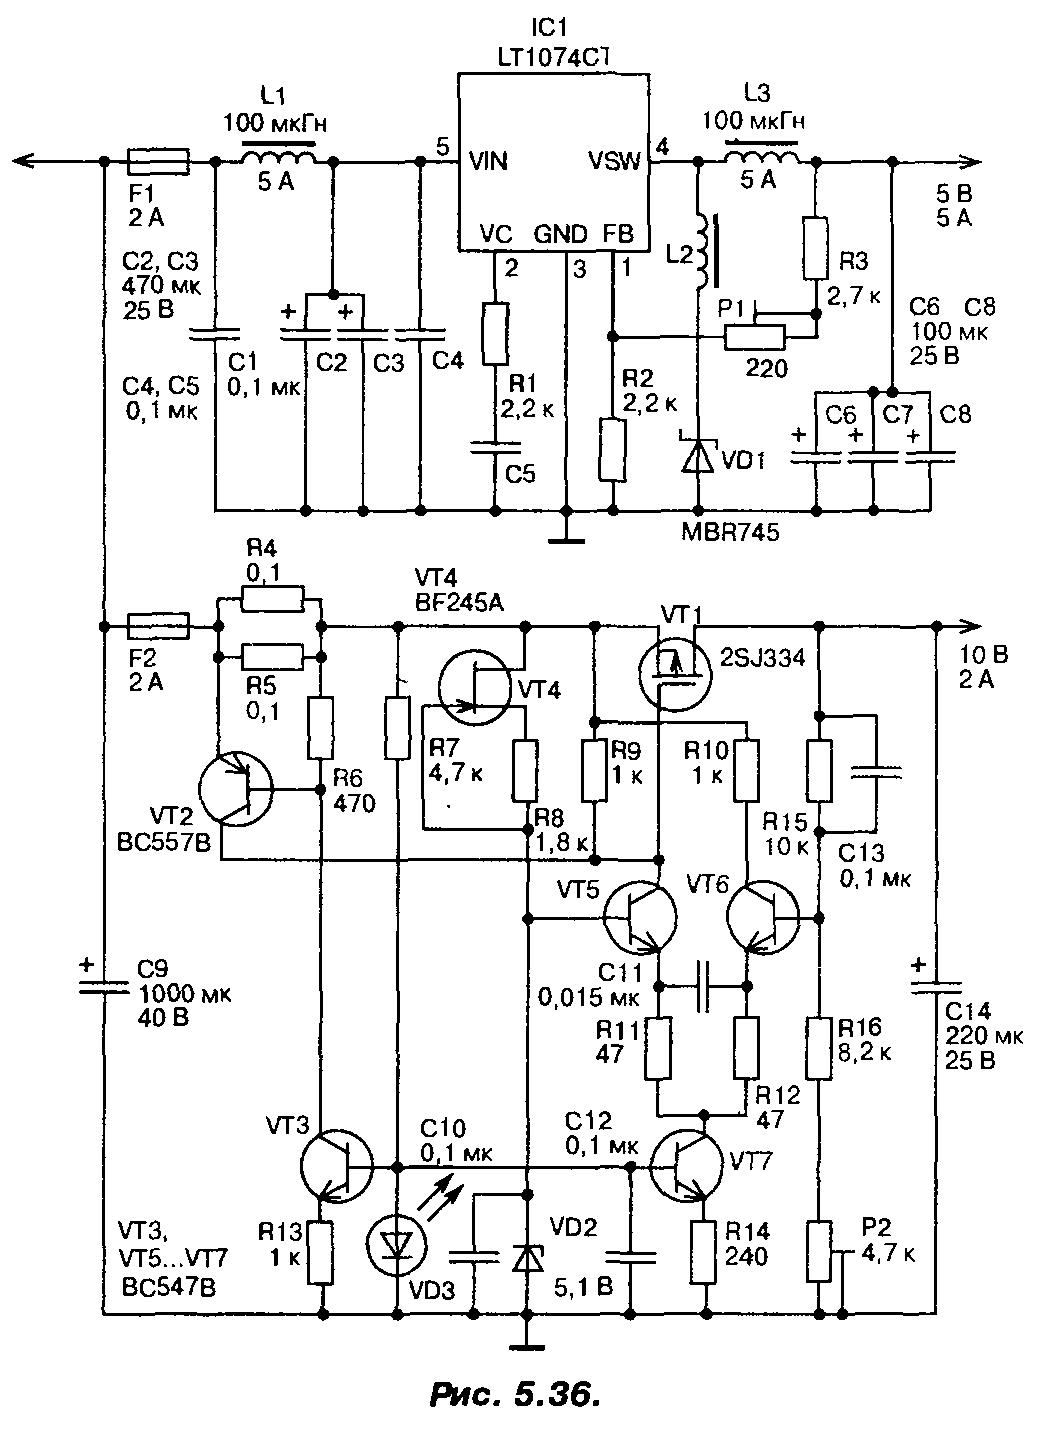 Как запитать светодиод от сети 220 В